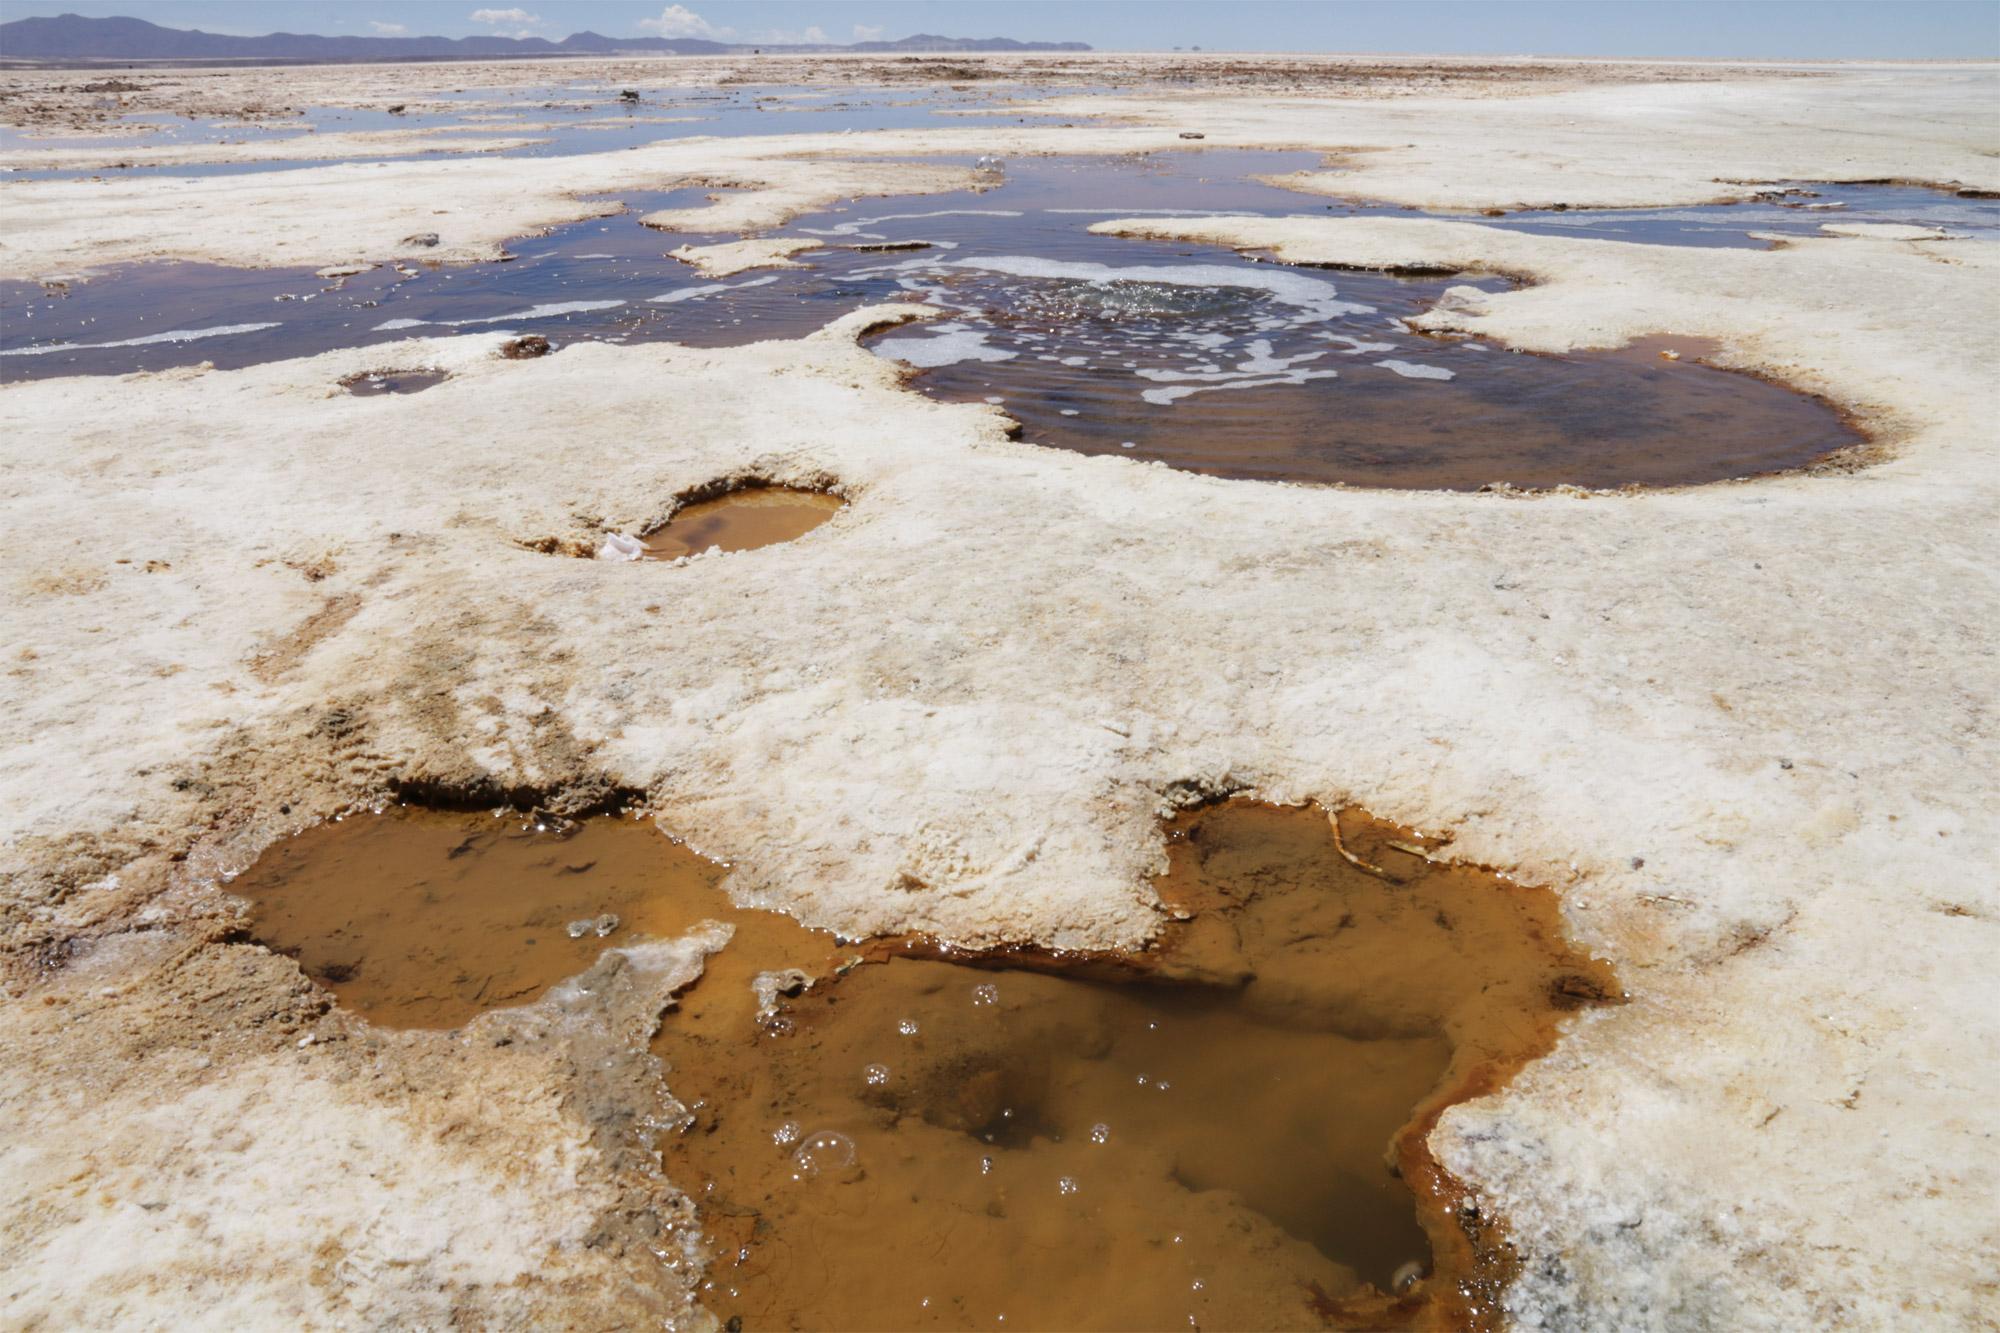 Reisverslag Bolivia: 's wereld grootste zoutvlakte - Vulkanische activiteiten op de Salar de Uyuni